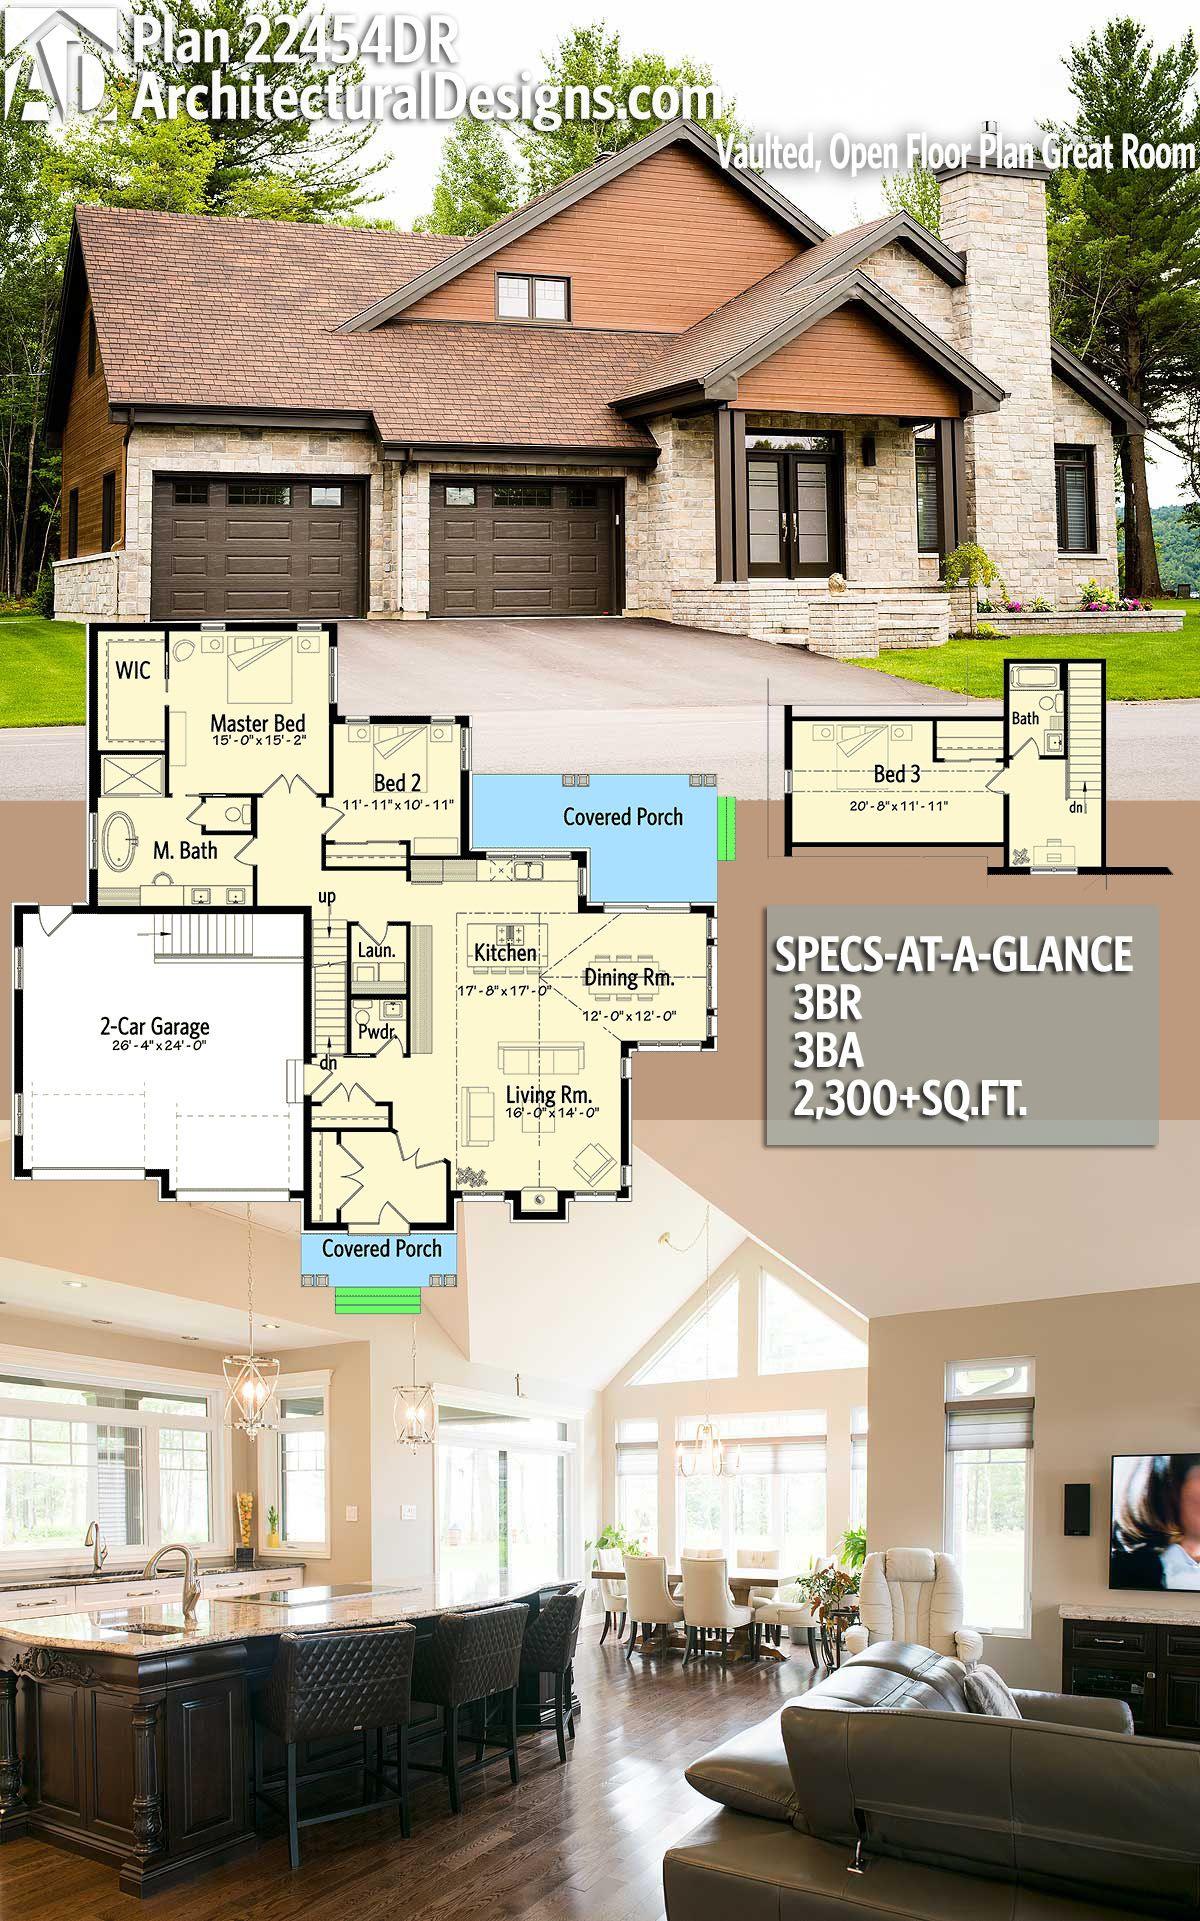 Plan 22454DR Vaulted Open Floor Plan Great